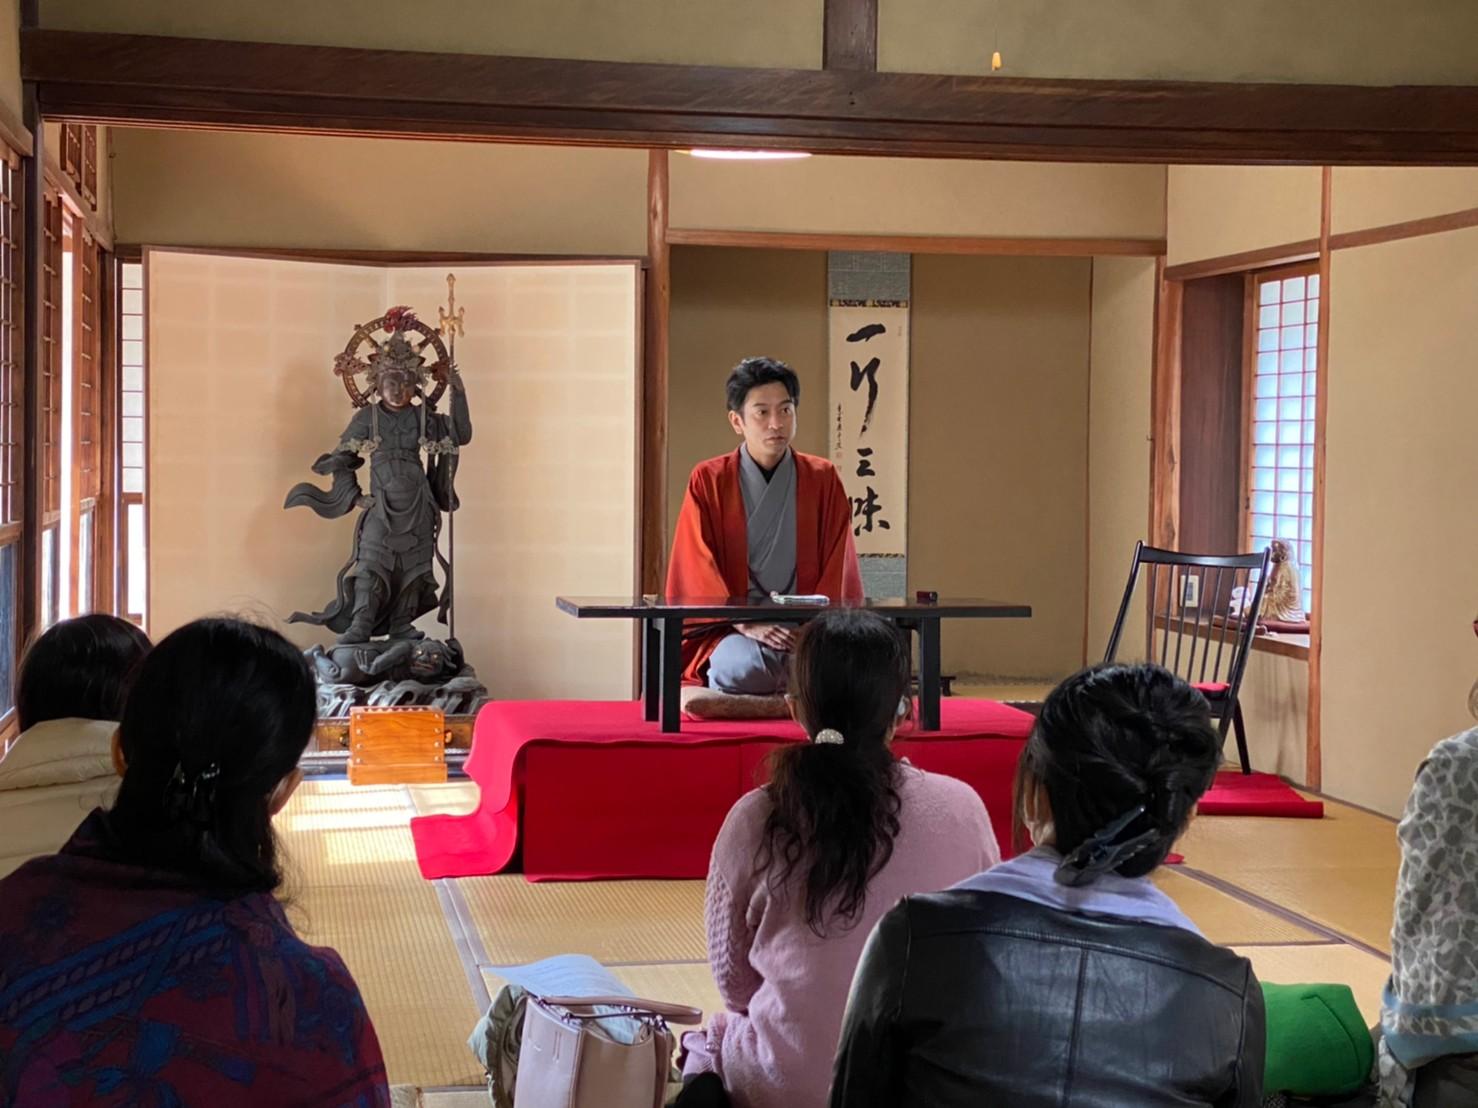 20201128伝統芸能で旅する京都 講談 旭堂南龍